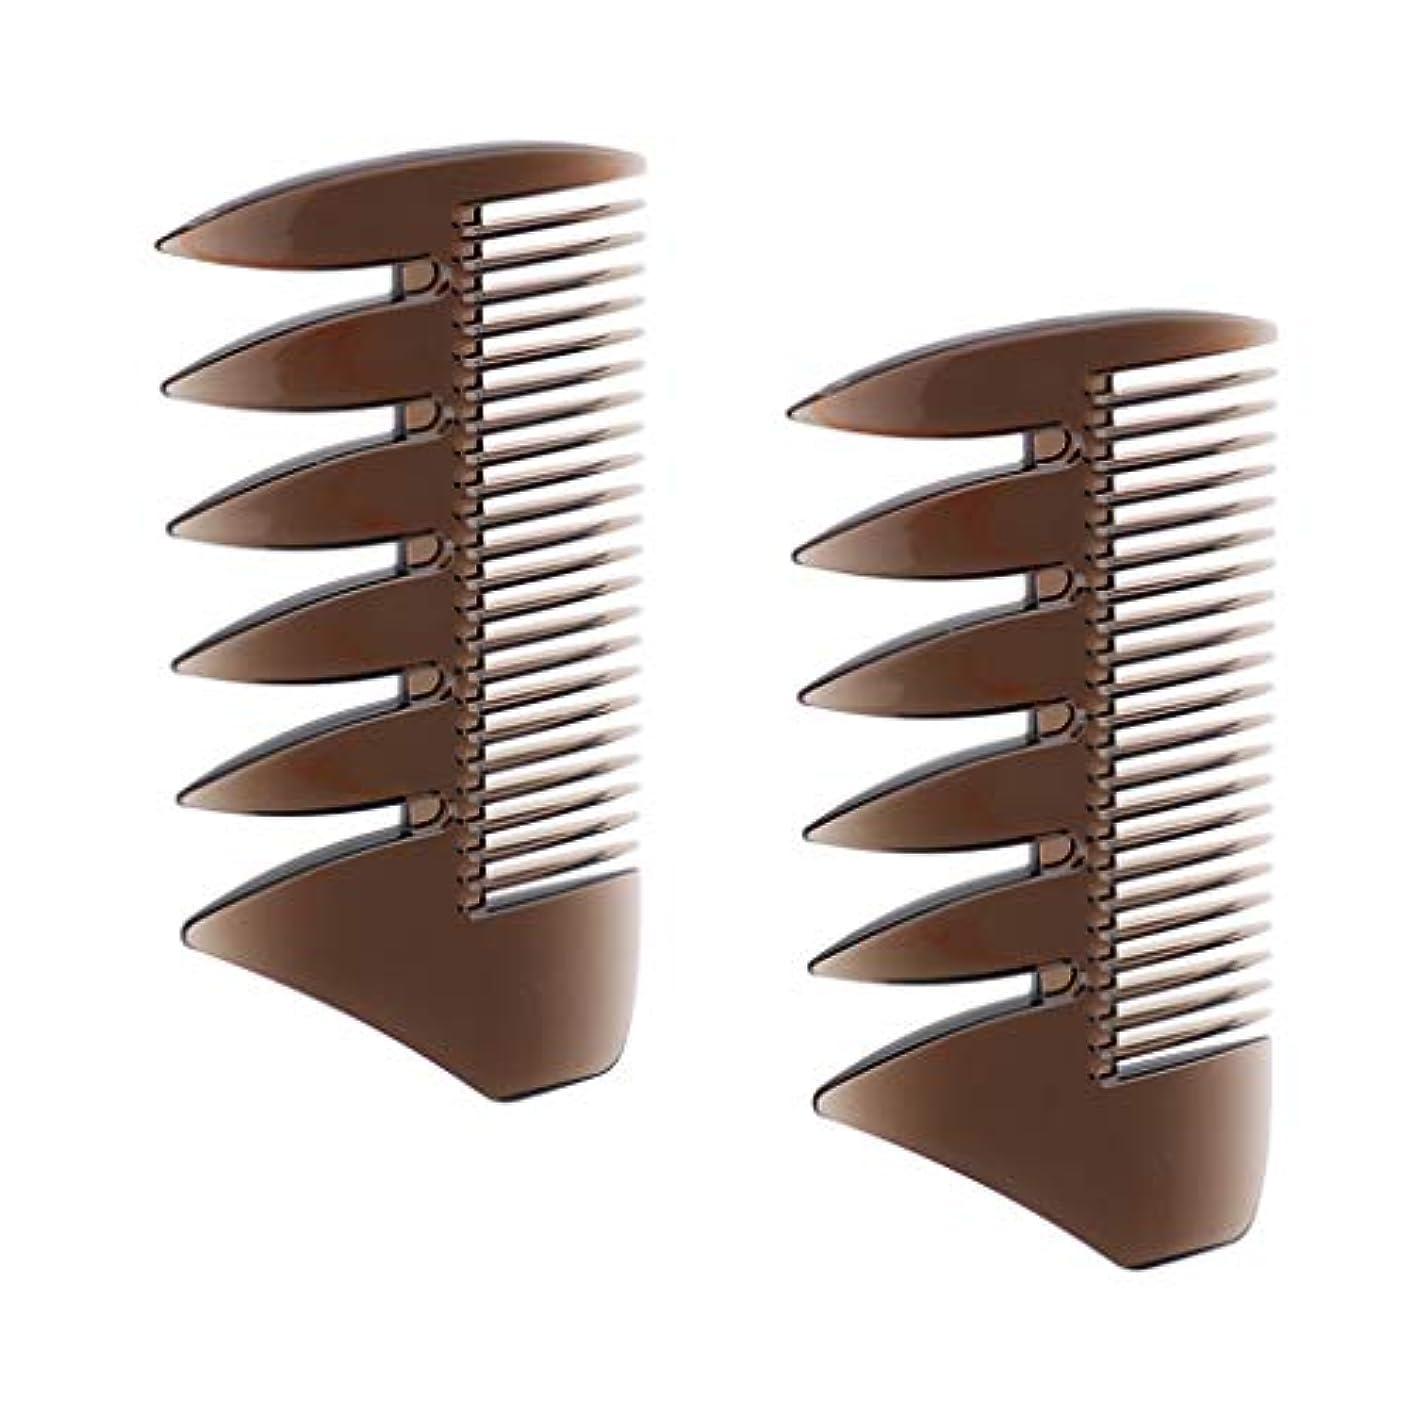 感謝捕虜読者2個 ヘアコンビ デュアルサイド メンズ オイルの髪 櫛 ヘアサロン ヘアスタイリング